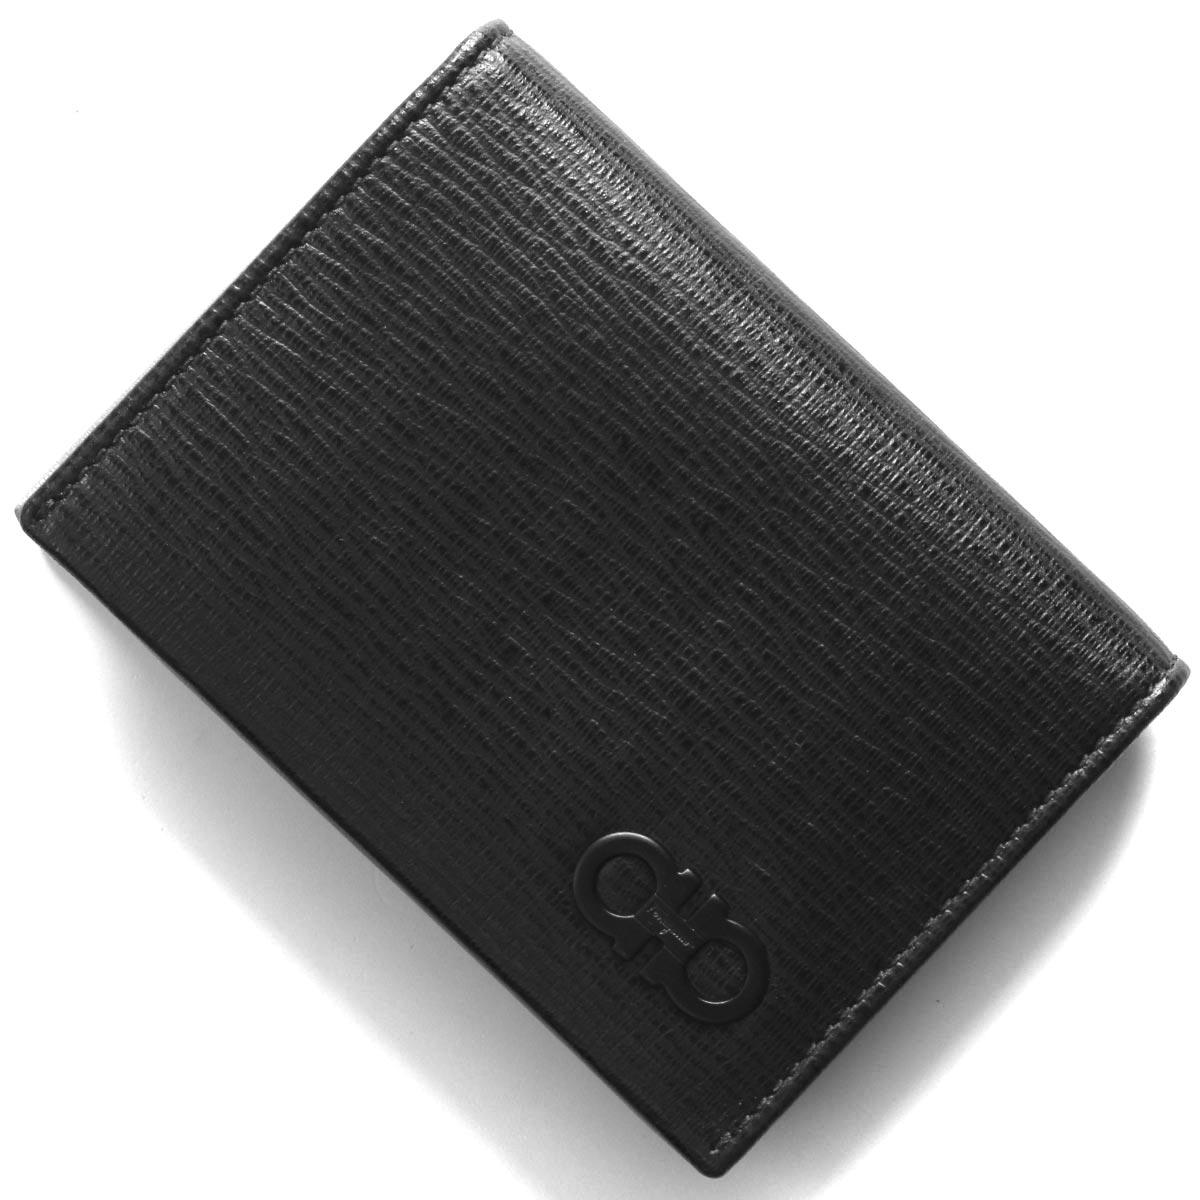 フェラガモ カードケース/名刺入れ メンズ リバイバル ダブル ガンチーニ ブラック&ミルキーシーグリーン 66A062 NERO 0733305 SALVATORE FERRAGAMO